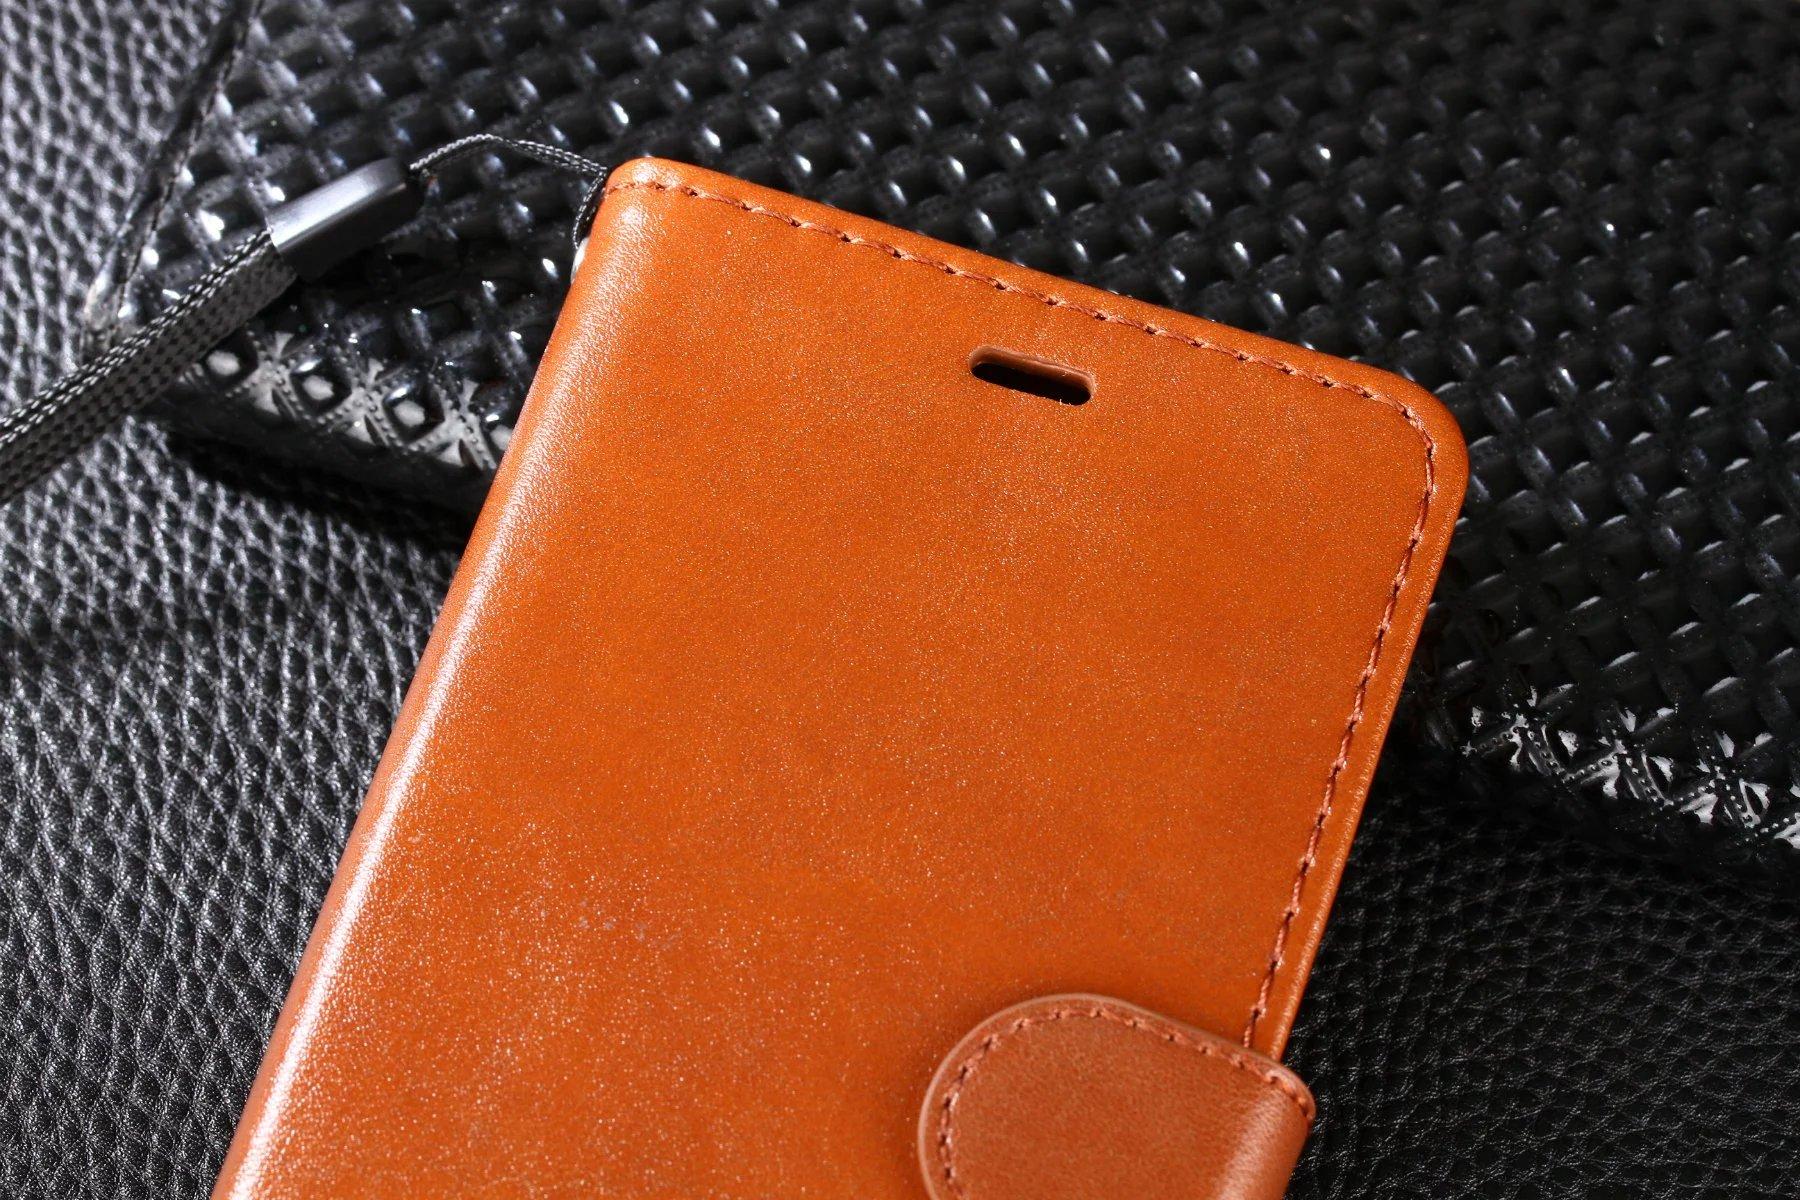 Luksusowy portfel case dla xiaomi redmi 4 pro redmi 4 książka klapki pokrywa pu leather stań torby telefonów pokrowce na xiaomi redmi 4 pro 13